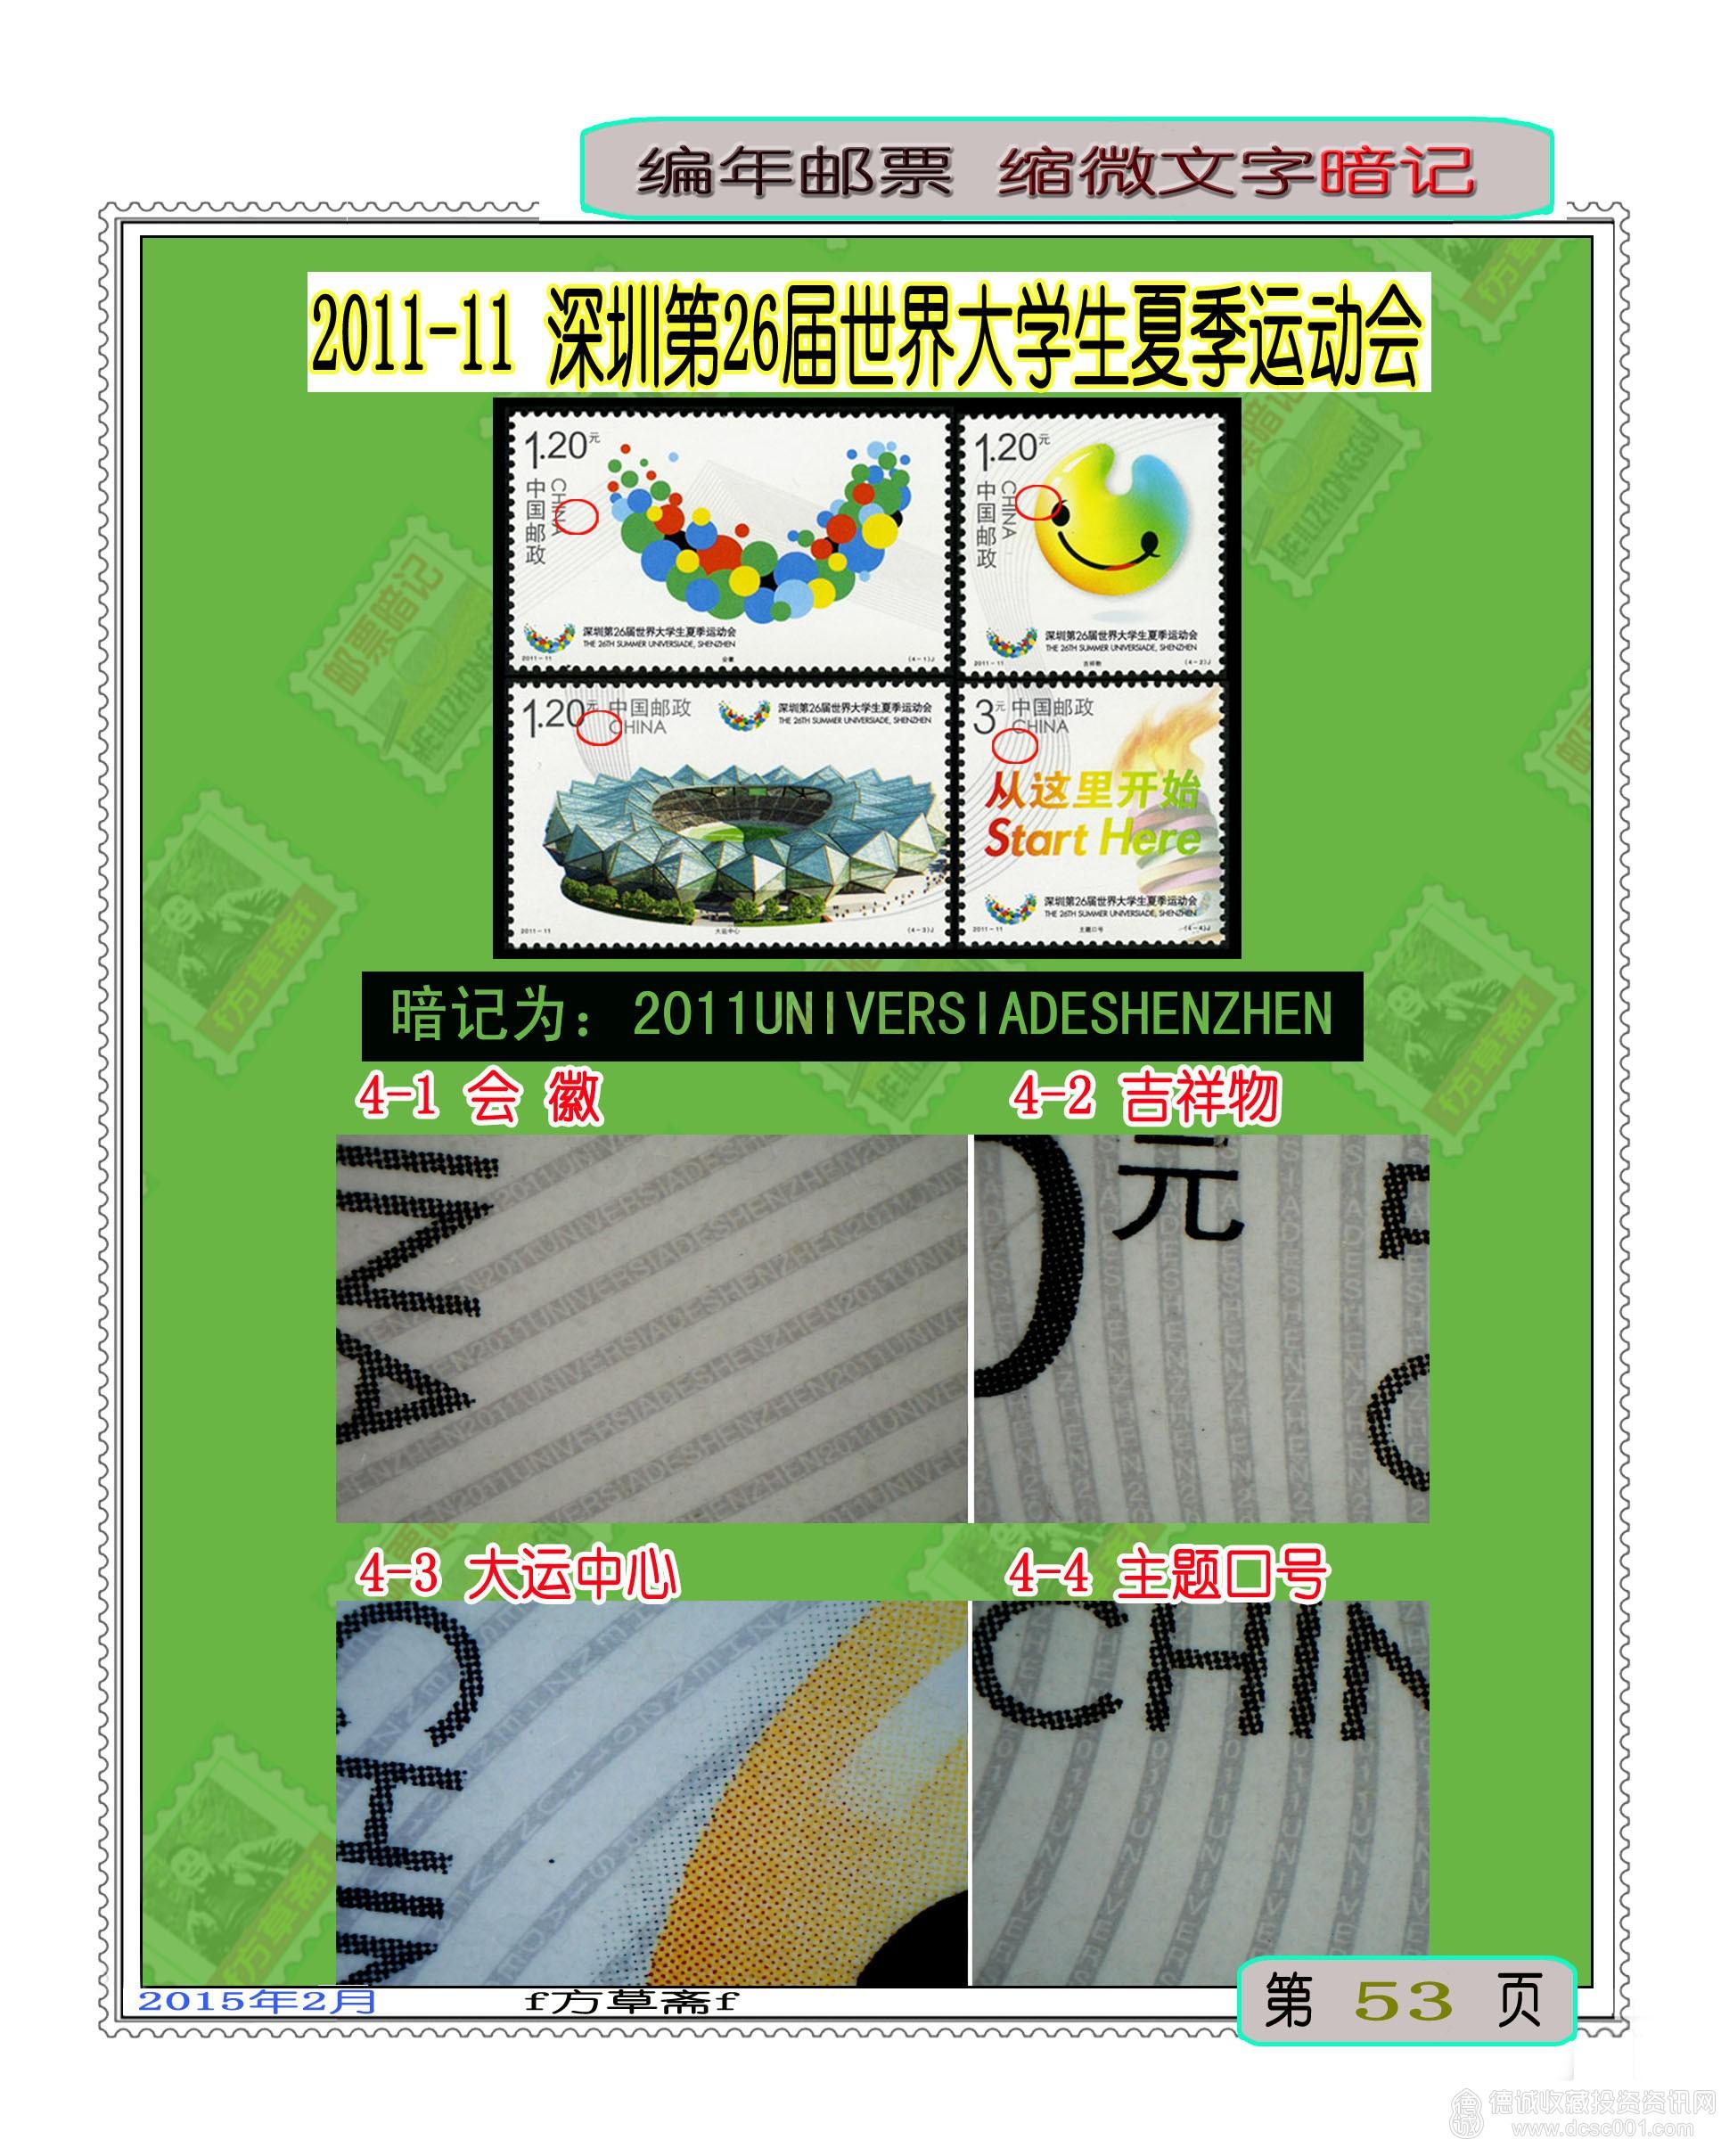 2011-11 深圳第26届世界大学生夏季运动会.jpg